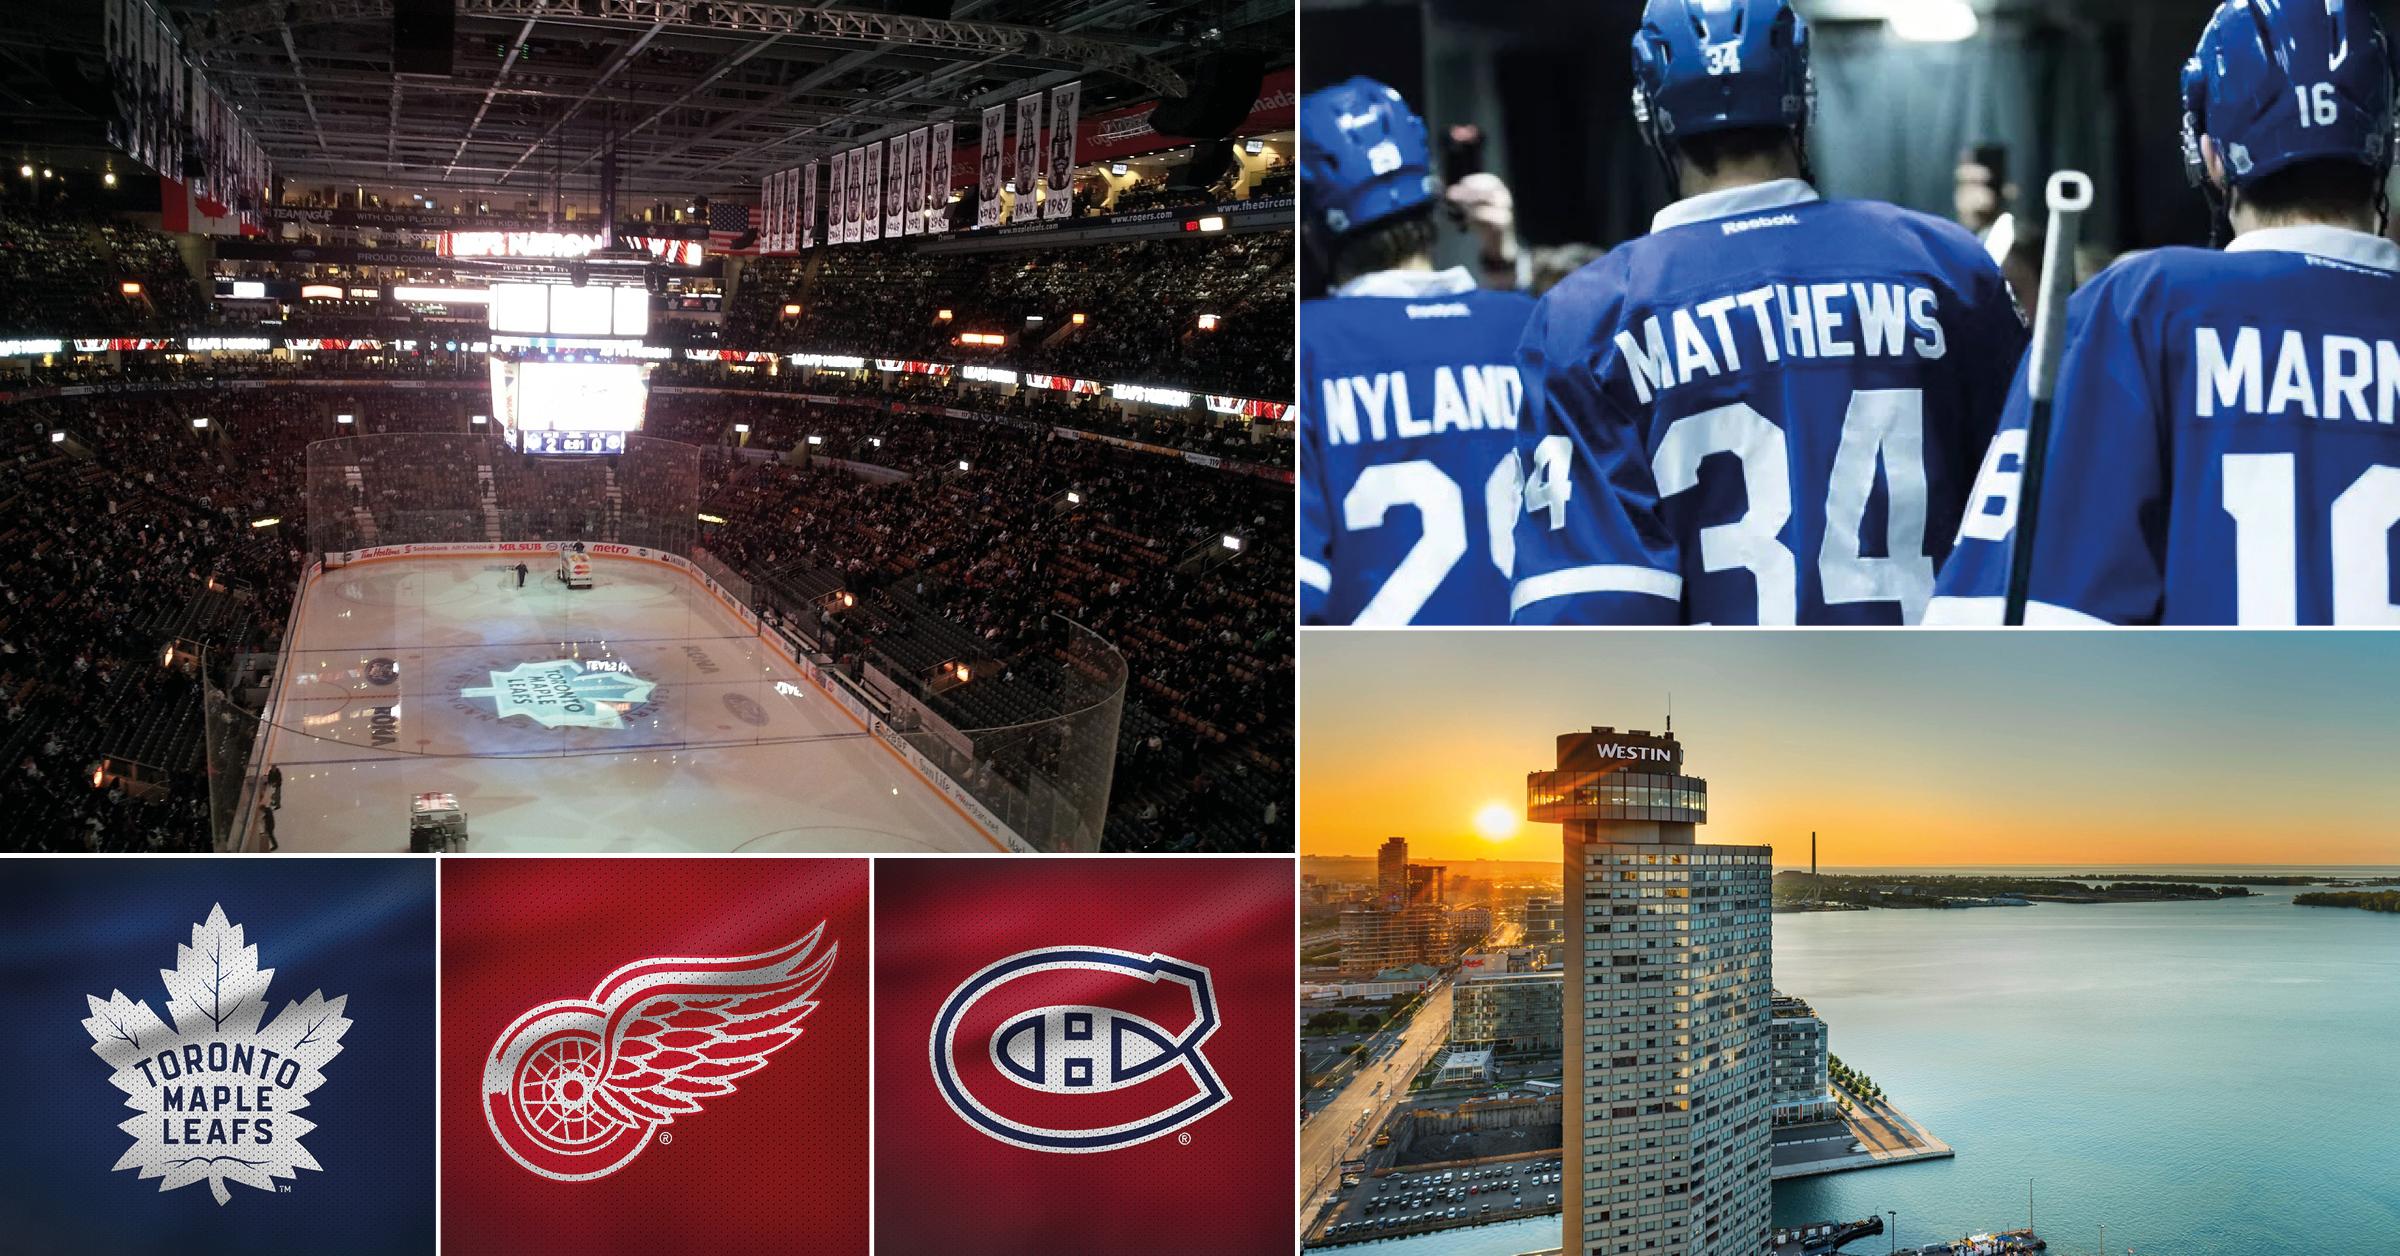 NHL-resa till Toronto 1-6 april 2020 - Nu har du möjlighet att följa med på en oförglömlig hockeyresa till Toronto. Under resan till Toronto kommer du att få uppleva två matcher i Scotiabank Arena, grundseriens två sista matcher mot Detroit Red Wings och derbyt mot rivalen Montreal Canadiens. På fyrstjärniga The Westin Harbour Hotel lär du trivas under vistelsen.